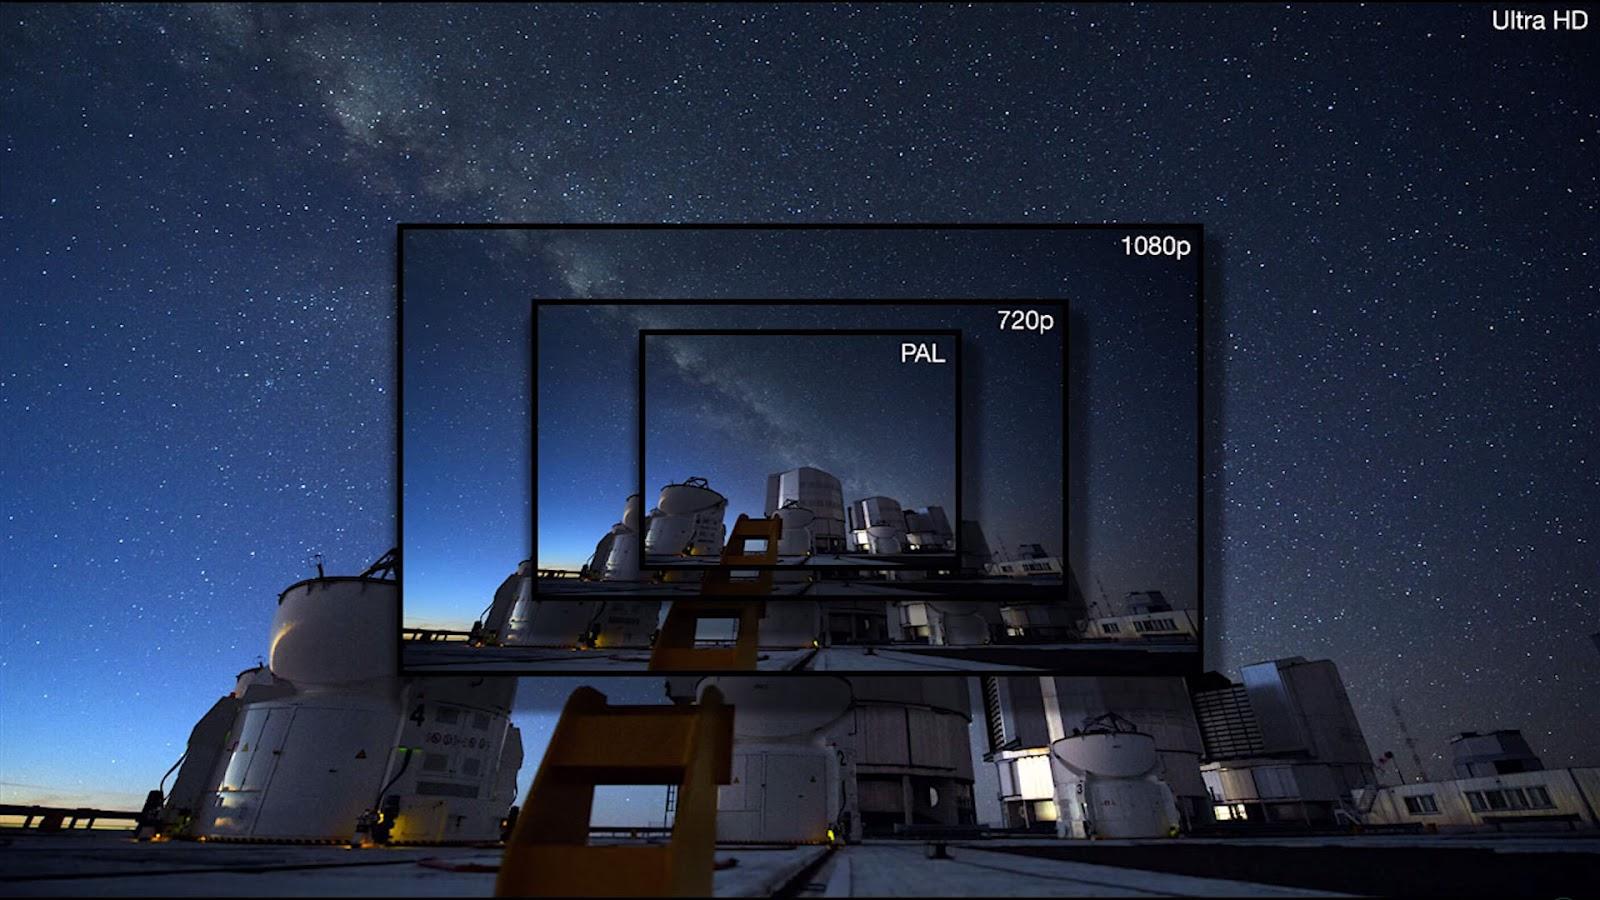 Соотношения разных видеоформатов